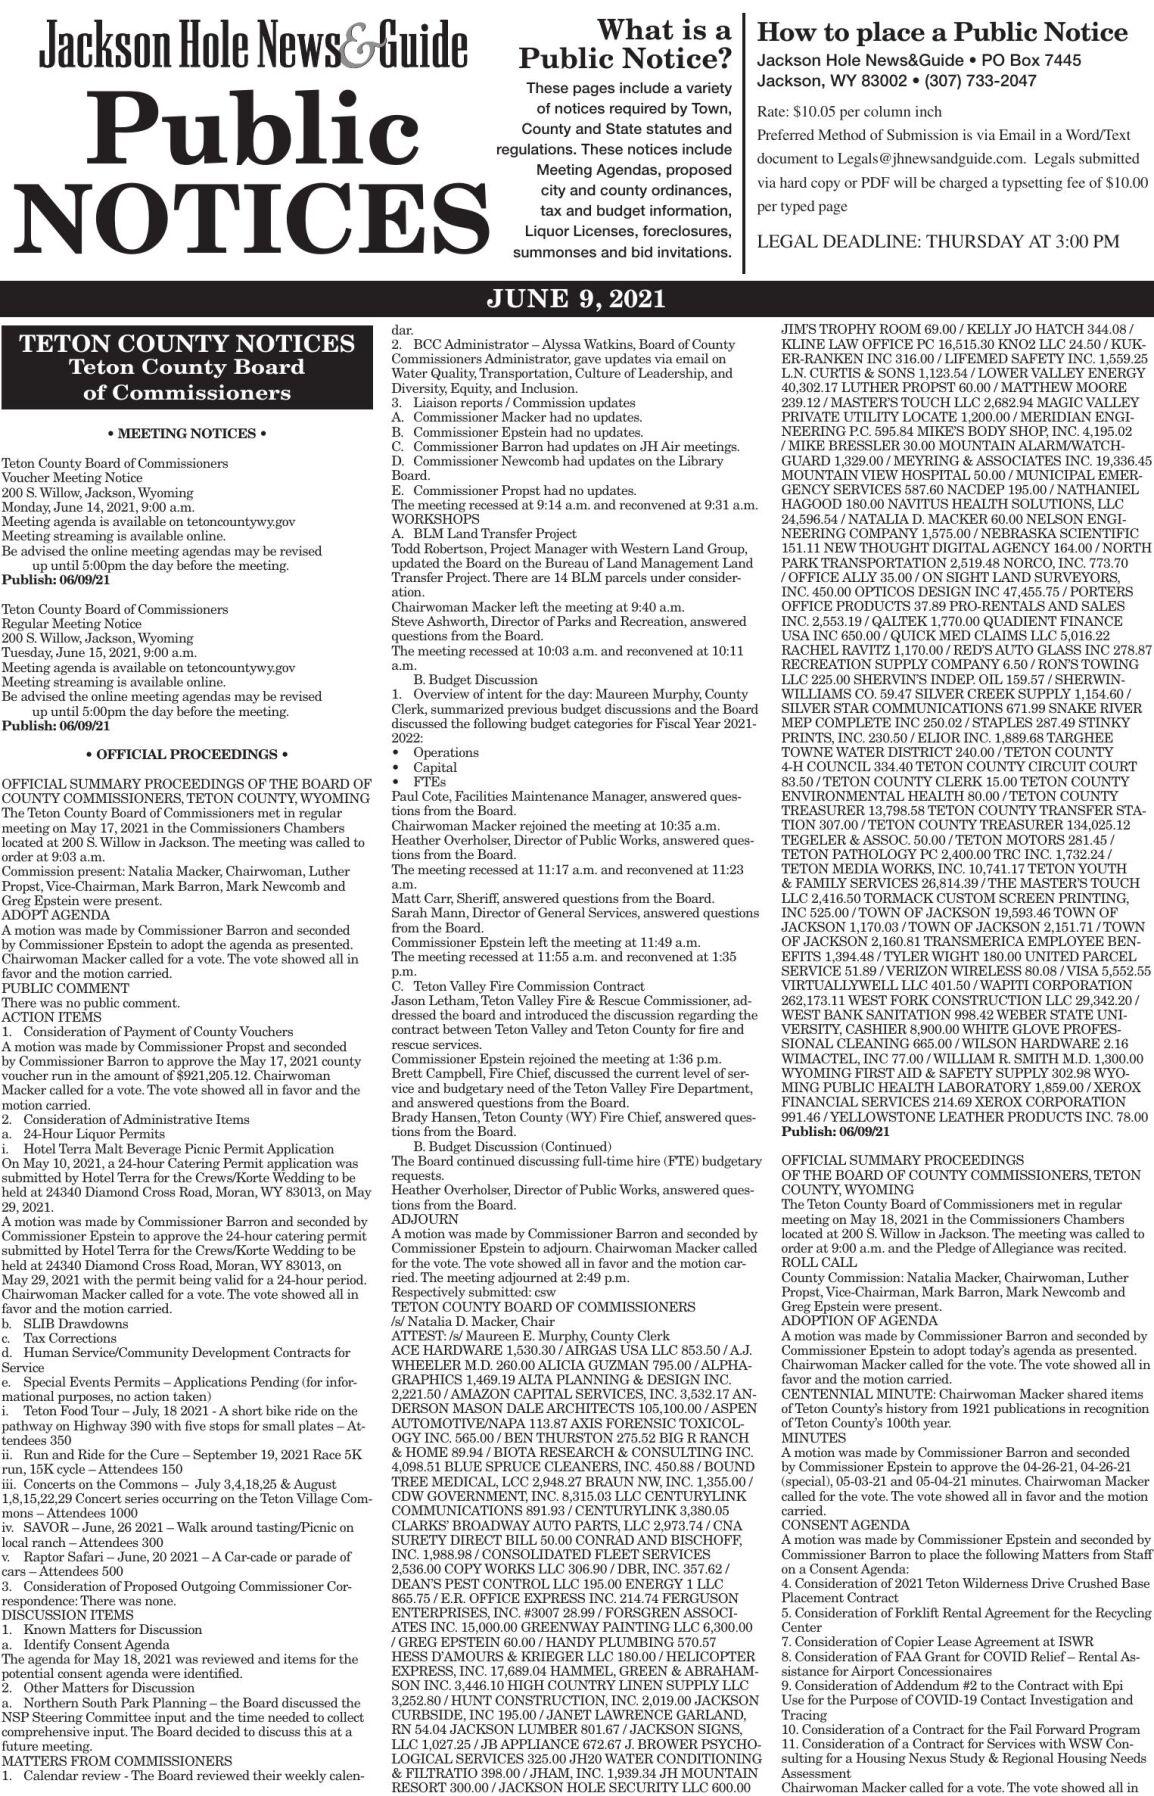 Public Notices, June 09, 2021